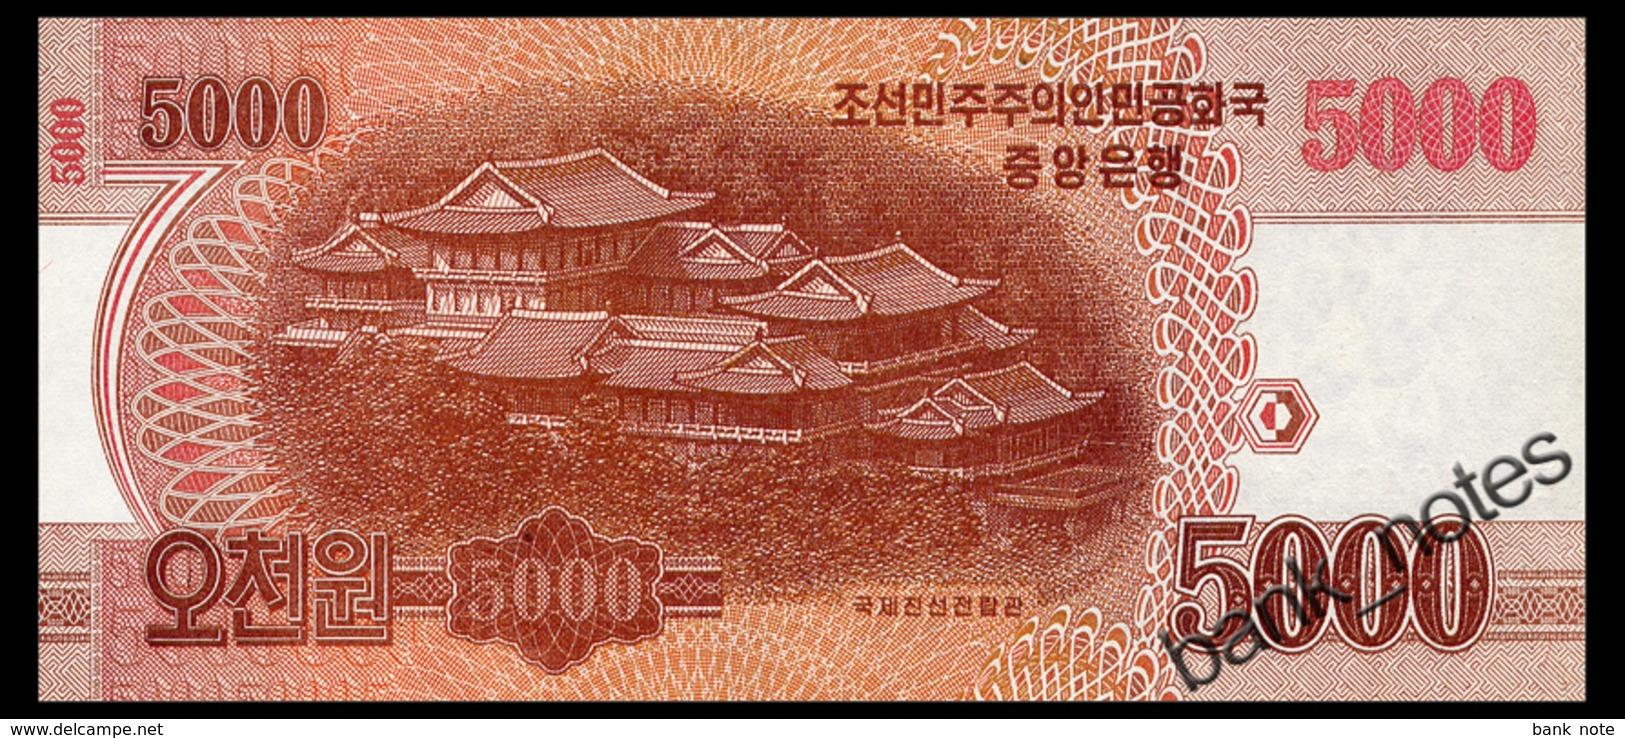 NORTH KOREA 5000 WON 2013 COMMRMORATIVE Pick CS18 Unc - Korea, North